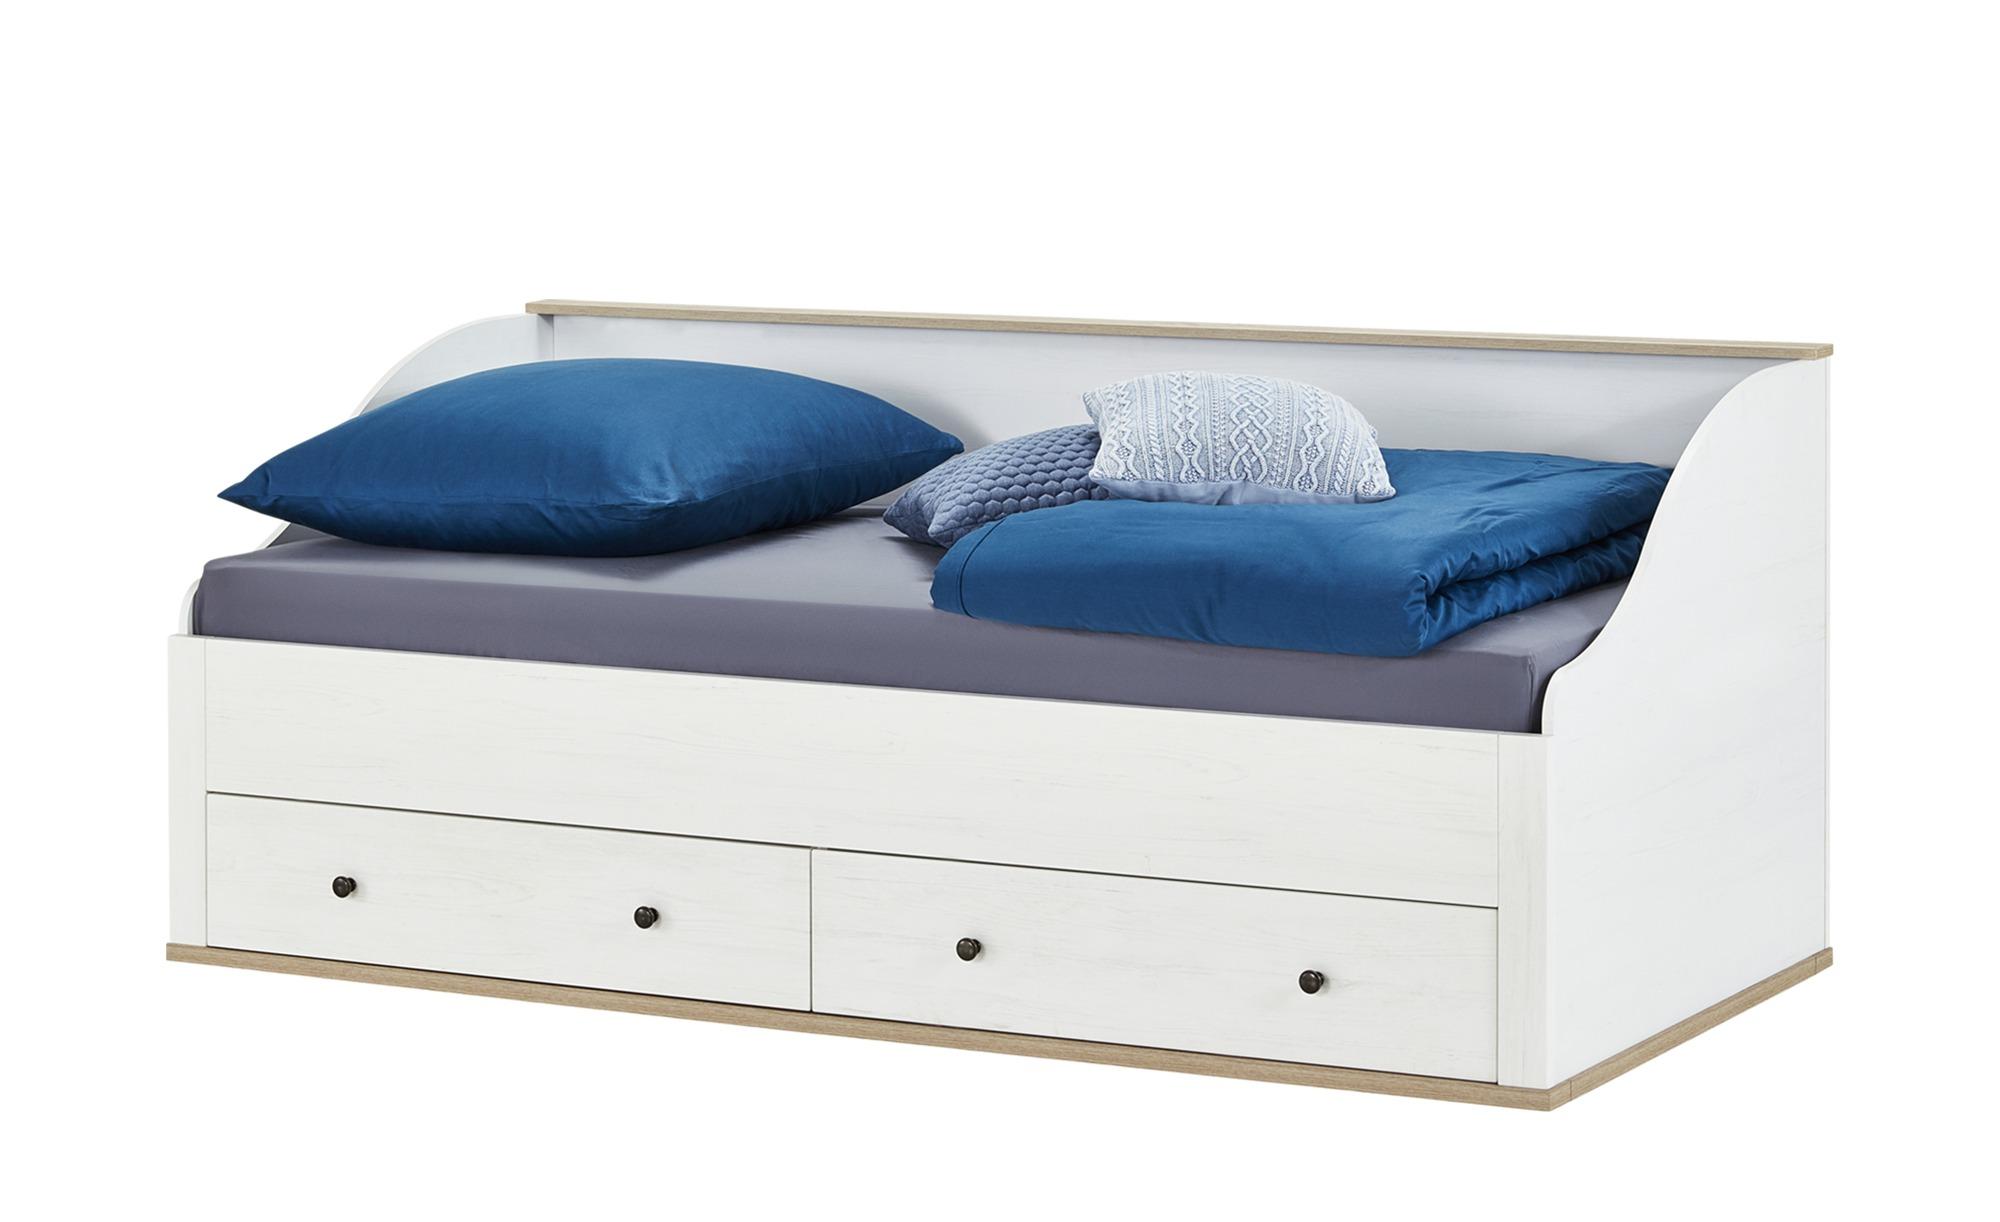 Full Size of Rückenlehne Bett Sofa Mit Bettfunktion Im Schrank Komforthöhe Betten Landhausstil Jugend Matratze überlänge 140x200 Tempur Für übergewichtige Antike Bett Bett 90x200